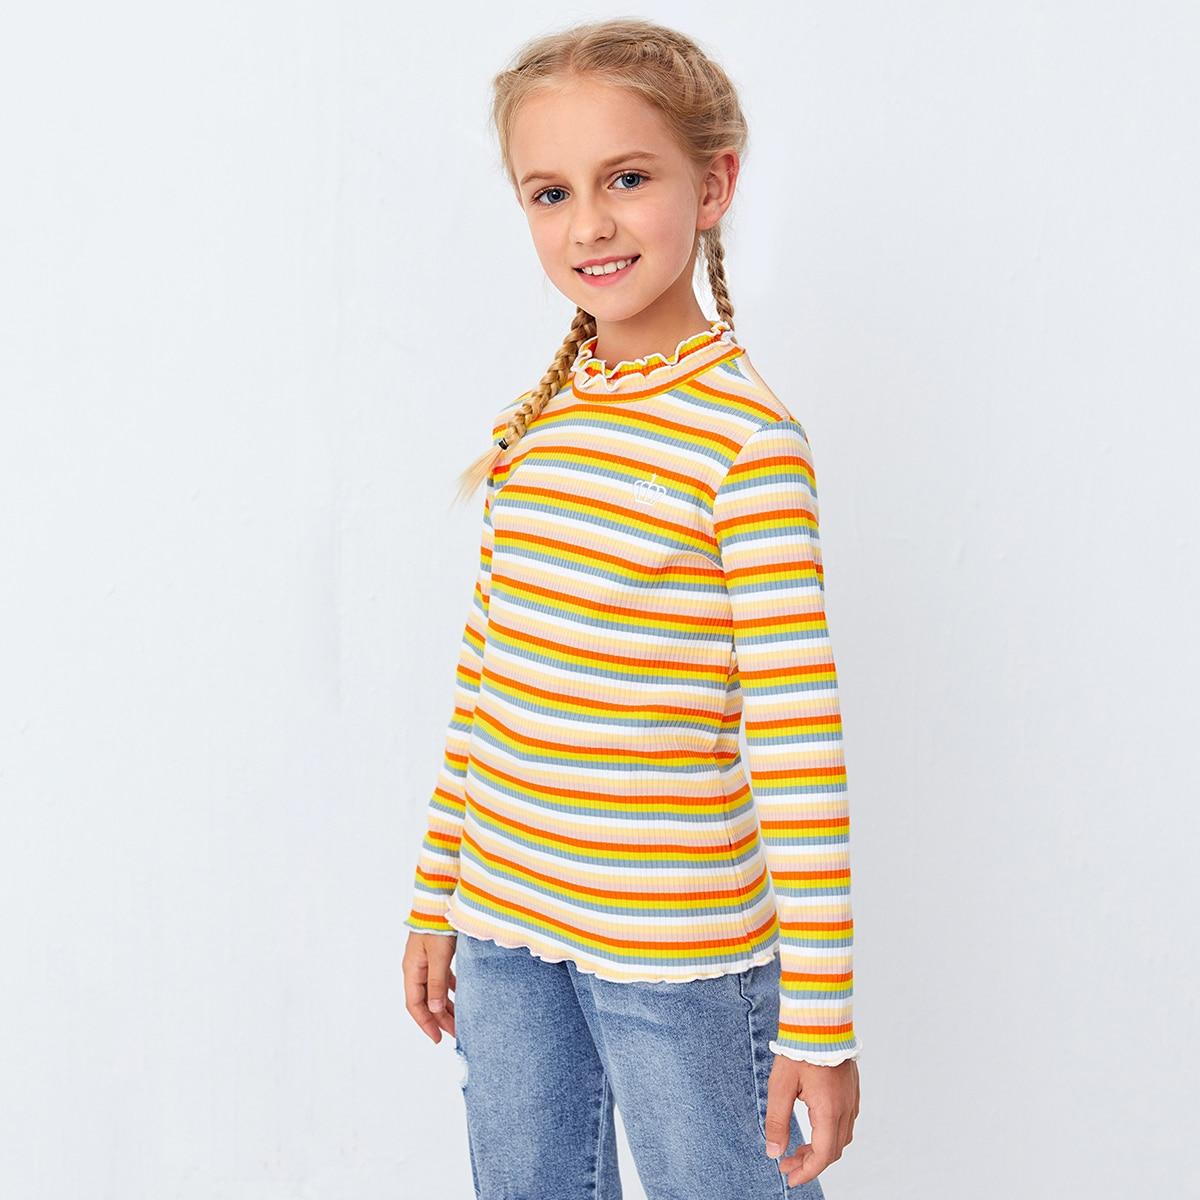 Вышивка радужные полосы милый футболки для девочек